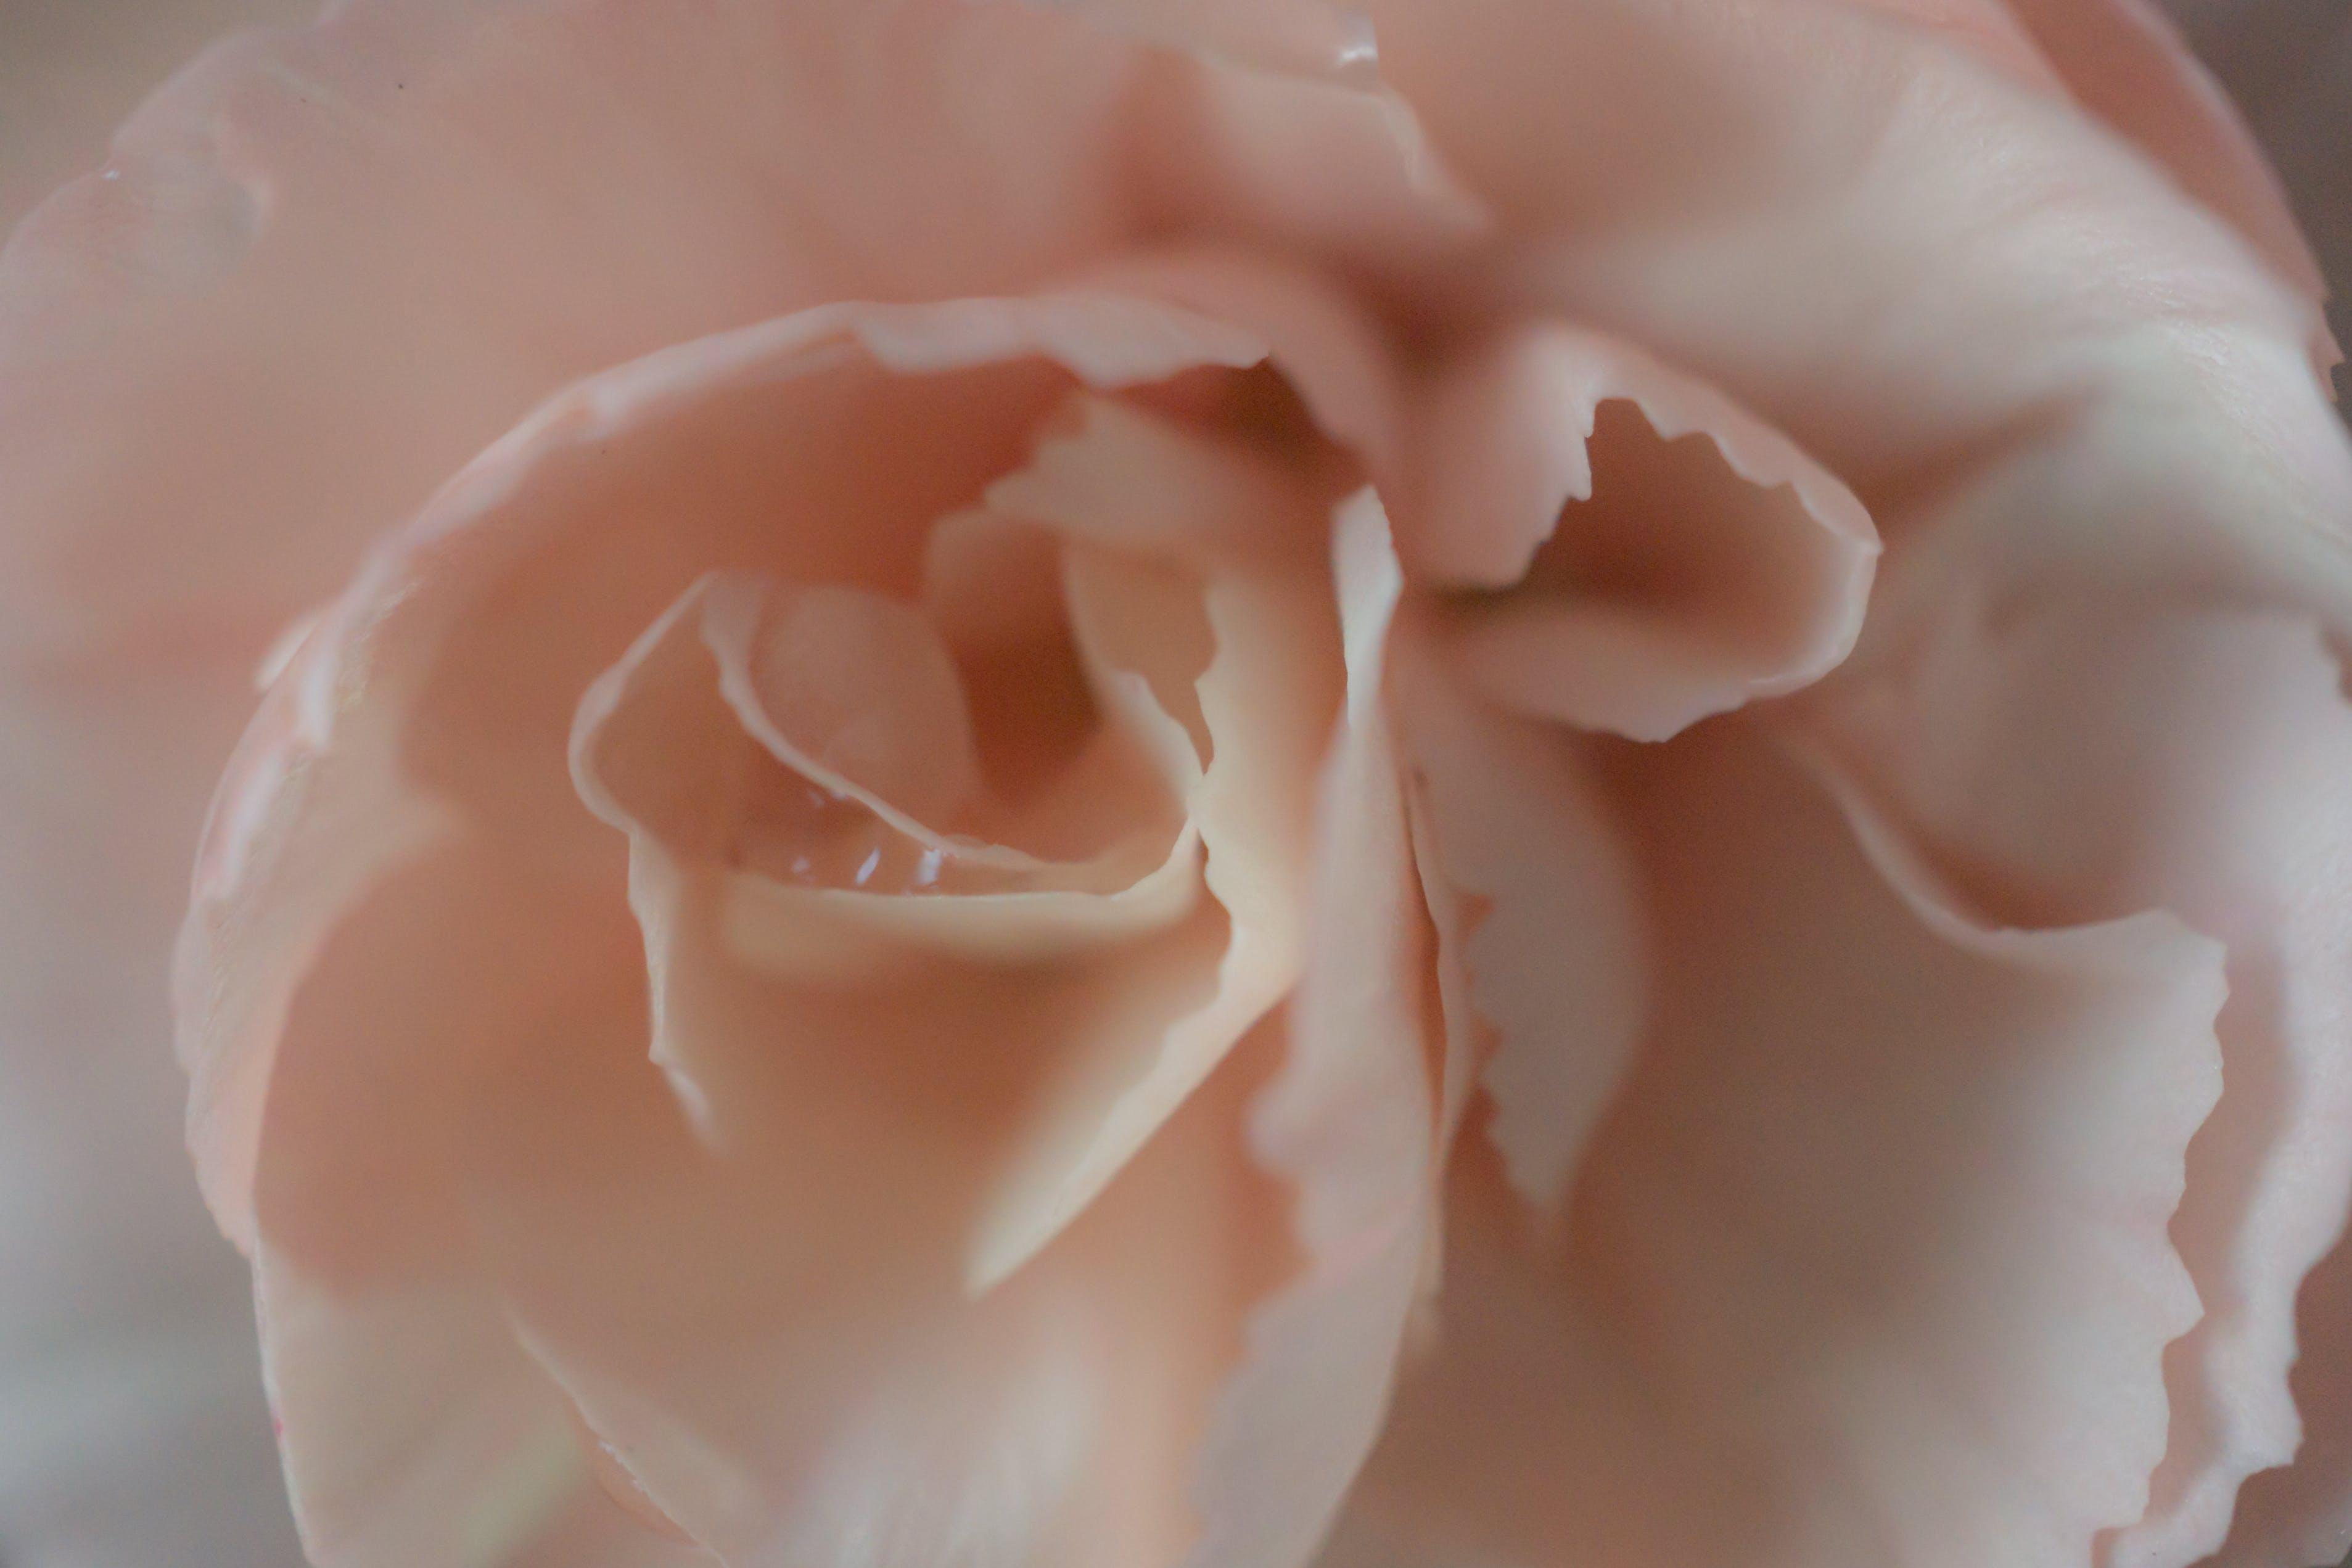 꽃, 로맨스, 부드러운, 분위기의 무료 스톡 사진